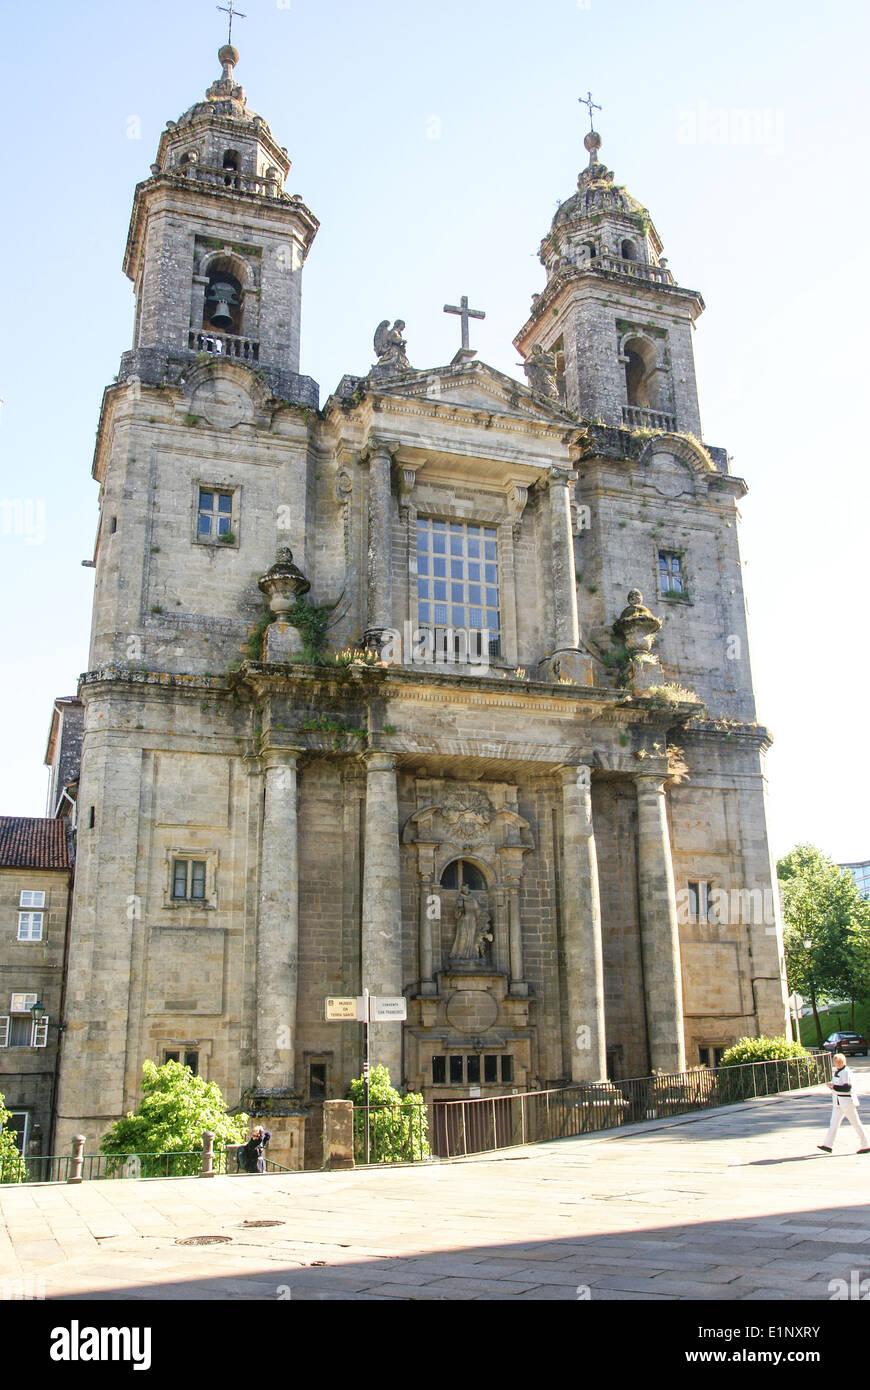 Church and convent of San Francisco Santiago de Compostela, Galicia, Spain - Stock Image